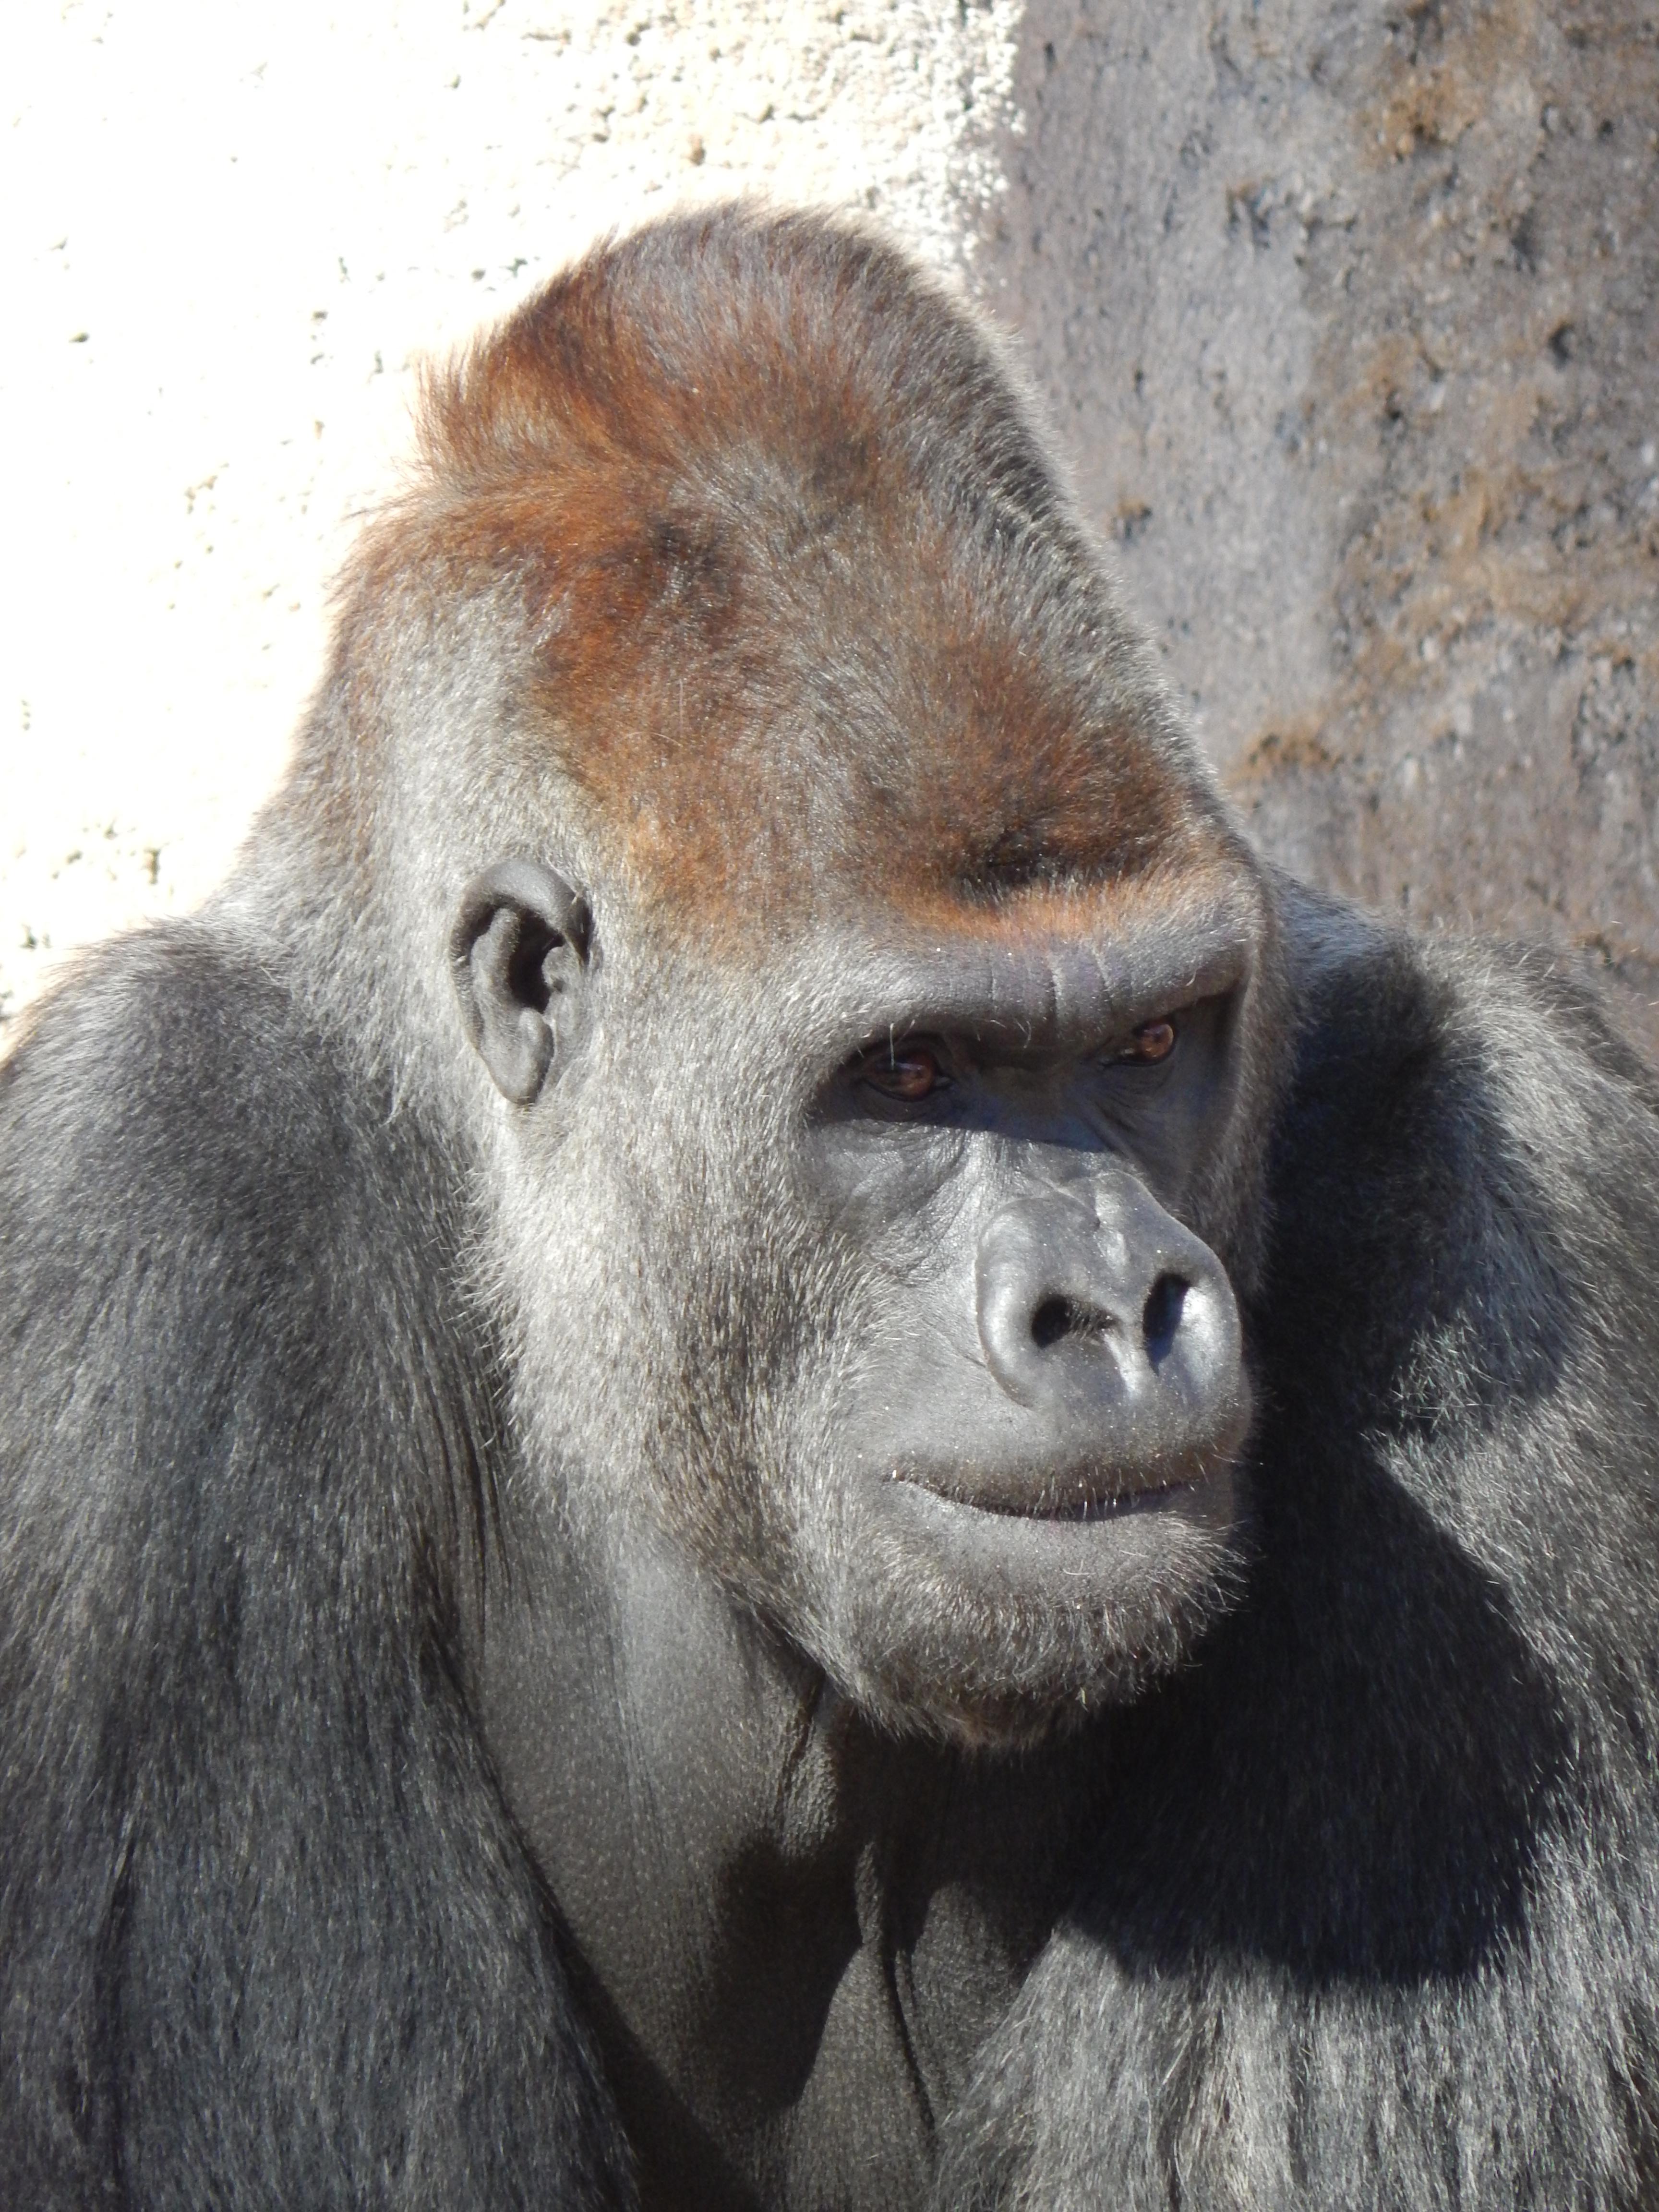 Marcus gorilla